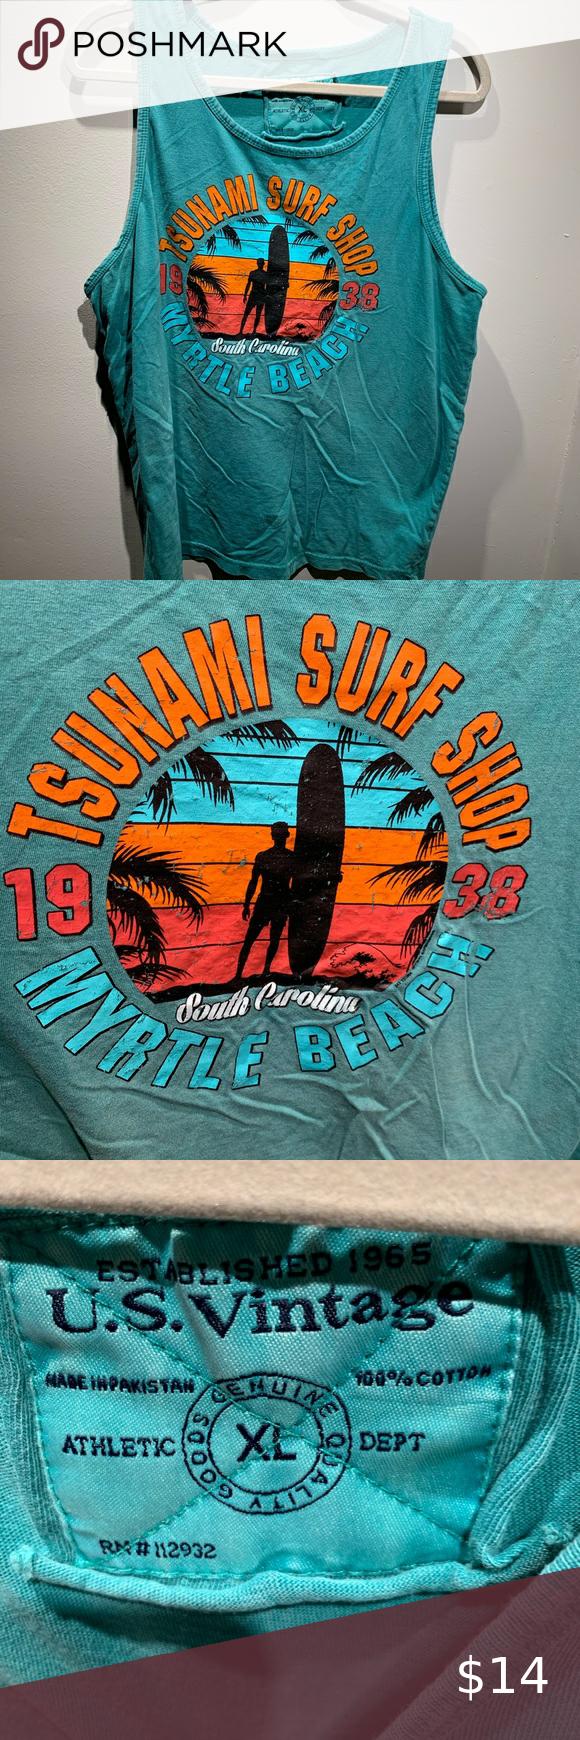 Myrtle Beach Surf Shop Tank Xl In 2020 Myrtle Beach Myrtle Beach South Carolina South Carolina Beaches